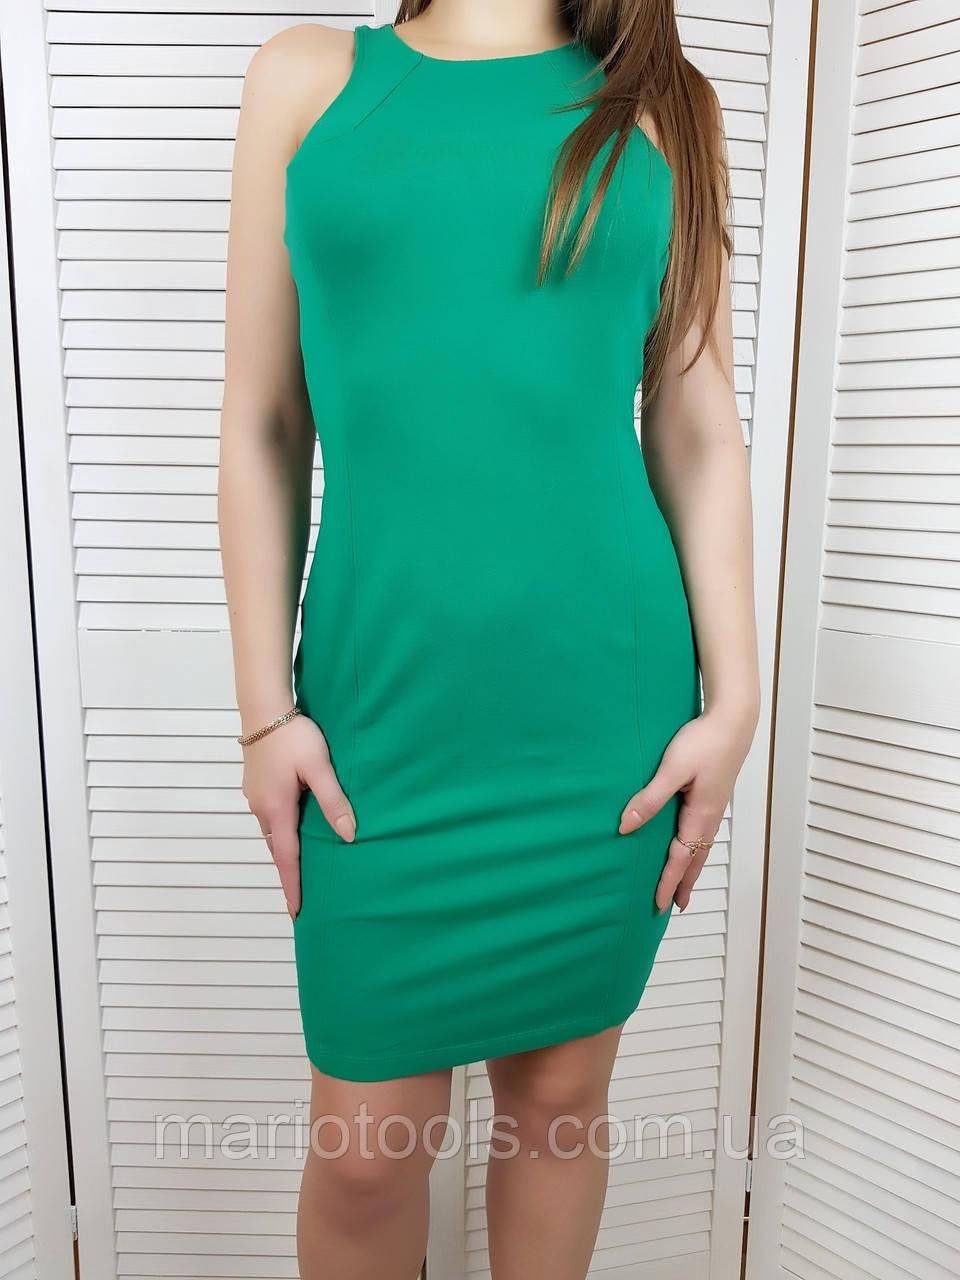 РАСПРОДАЖА! Приталенное платье H&M с застежкой на молнию сзади